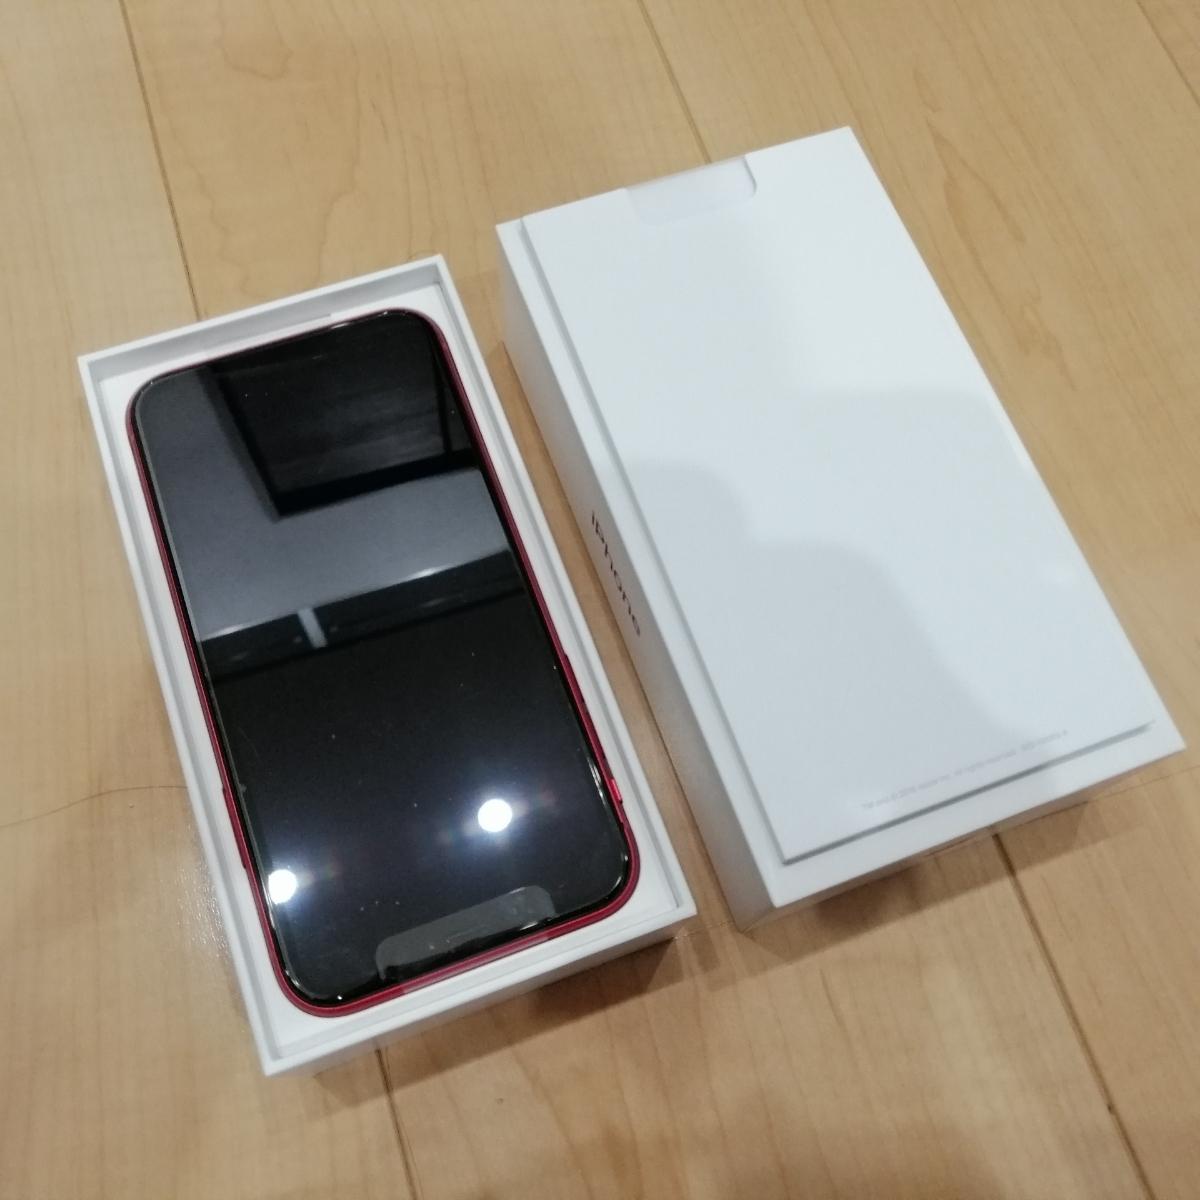 一括購入 残債なし 新品未使用 docomo iPhone XR 64GB product RED simフリー解除可能_画像2